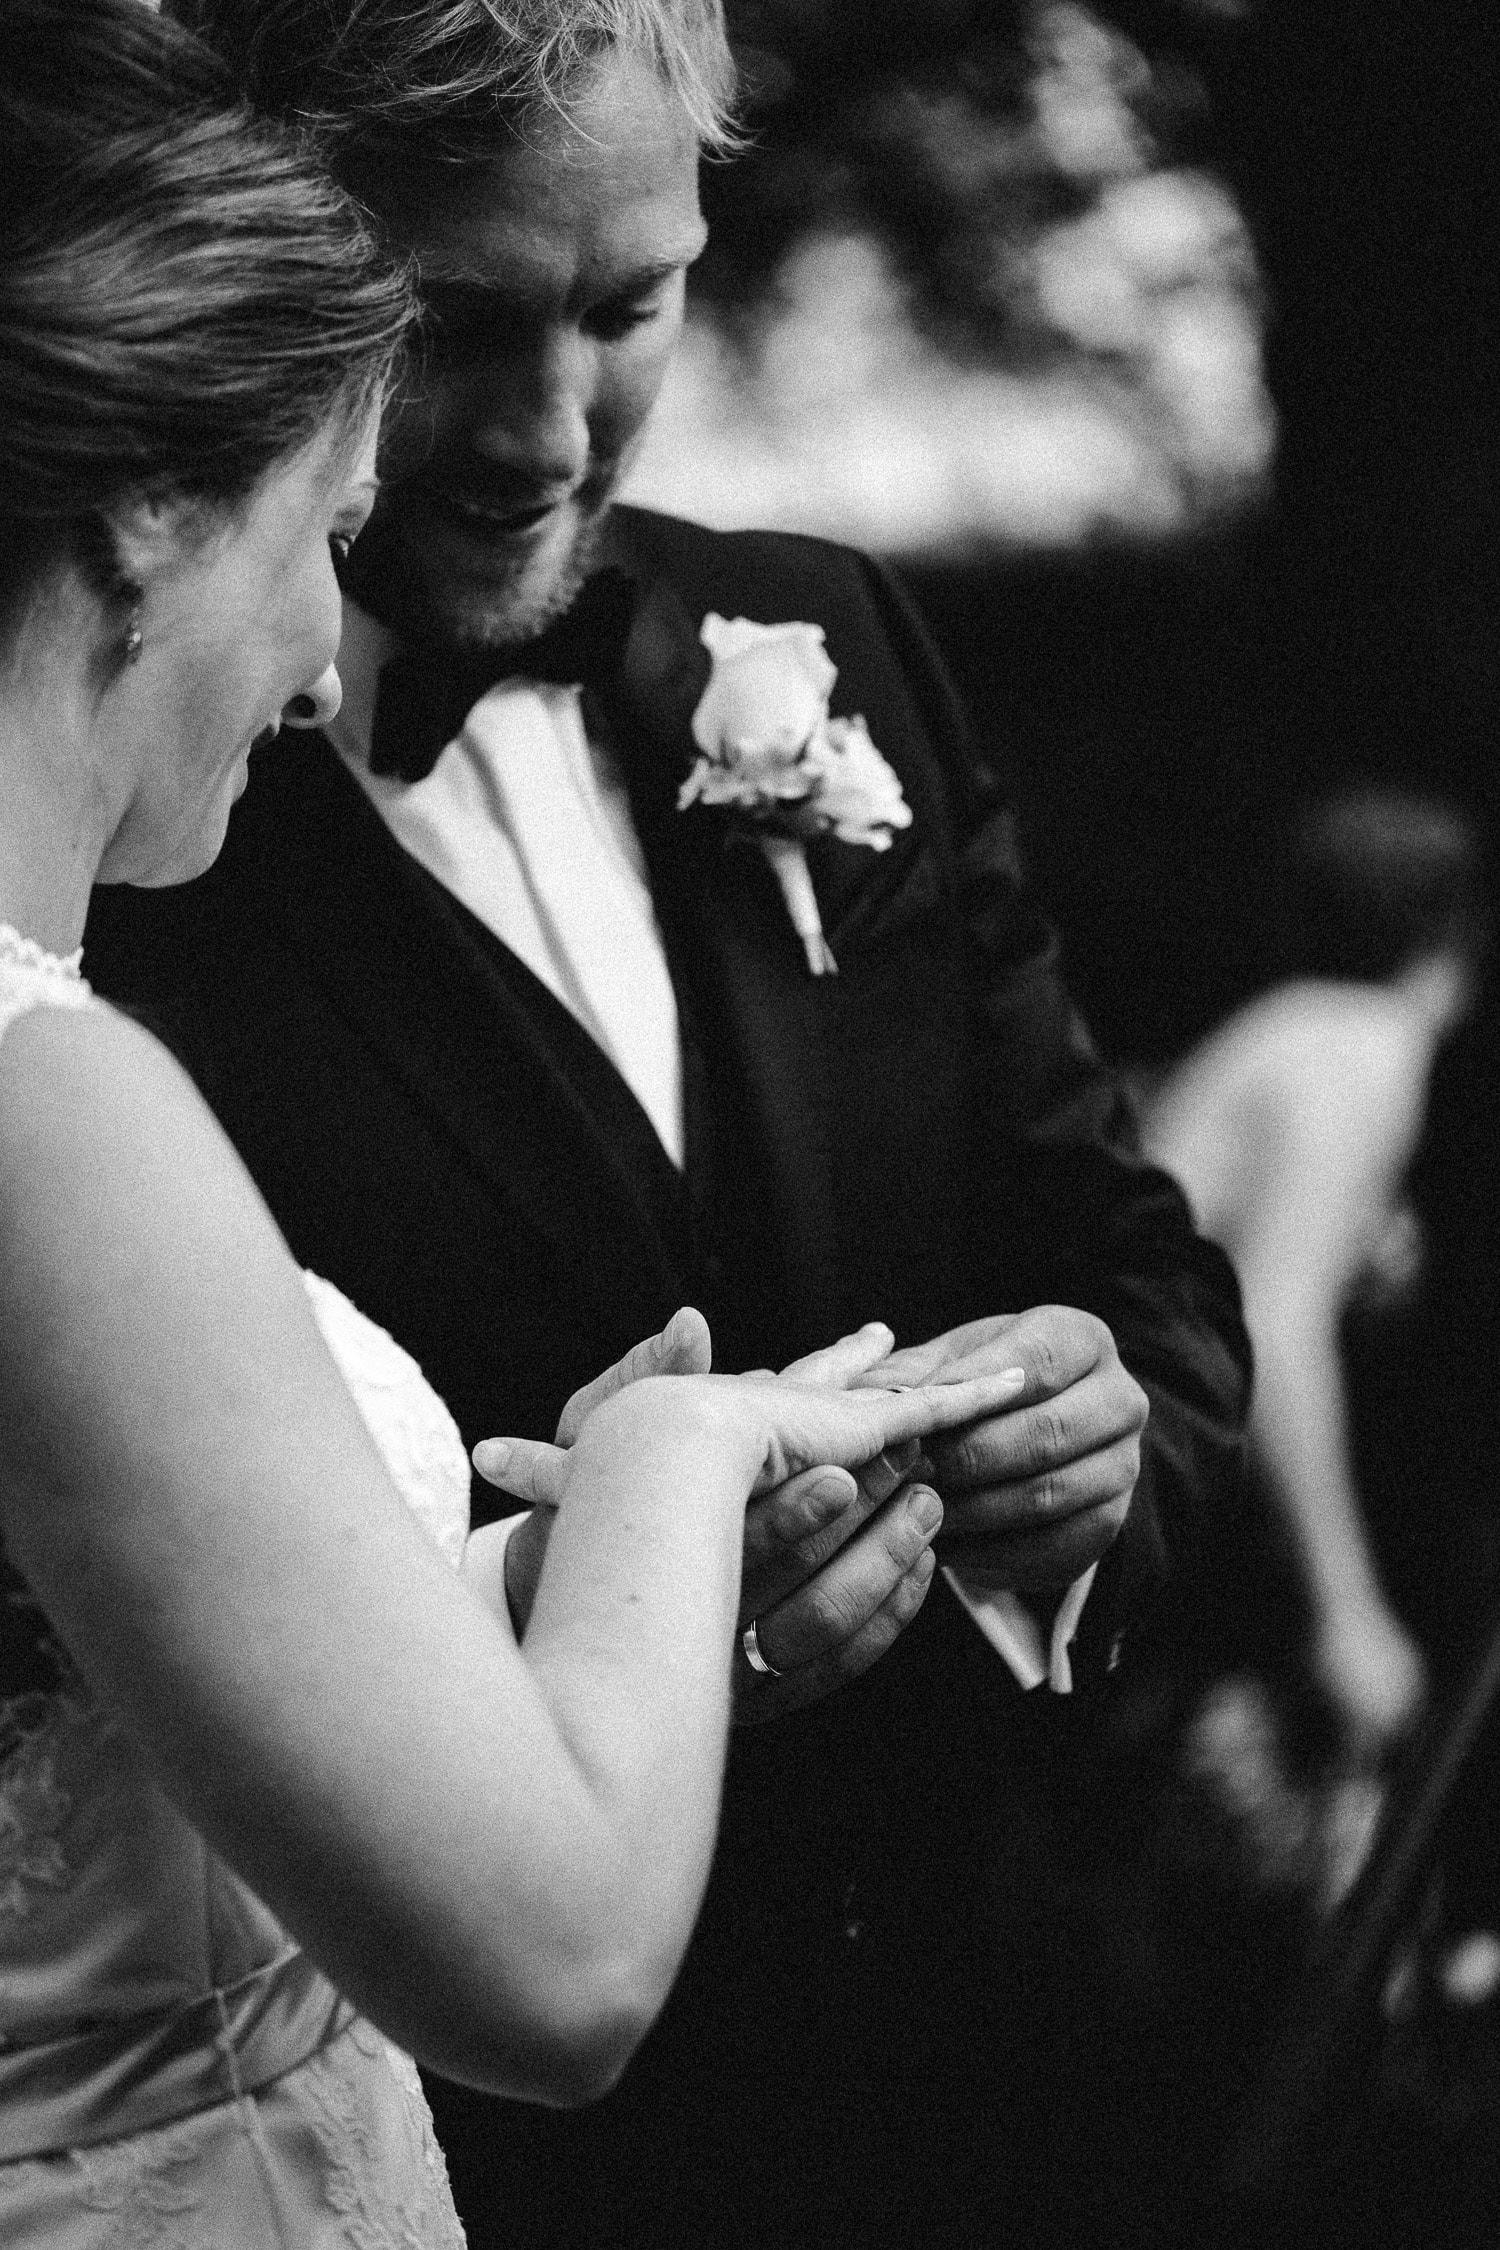 Sarah-Sven-Hochzeitsreportage-83a Yogalehrerin heiratet Handball Trainer Hochzeitreportage